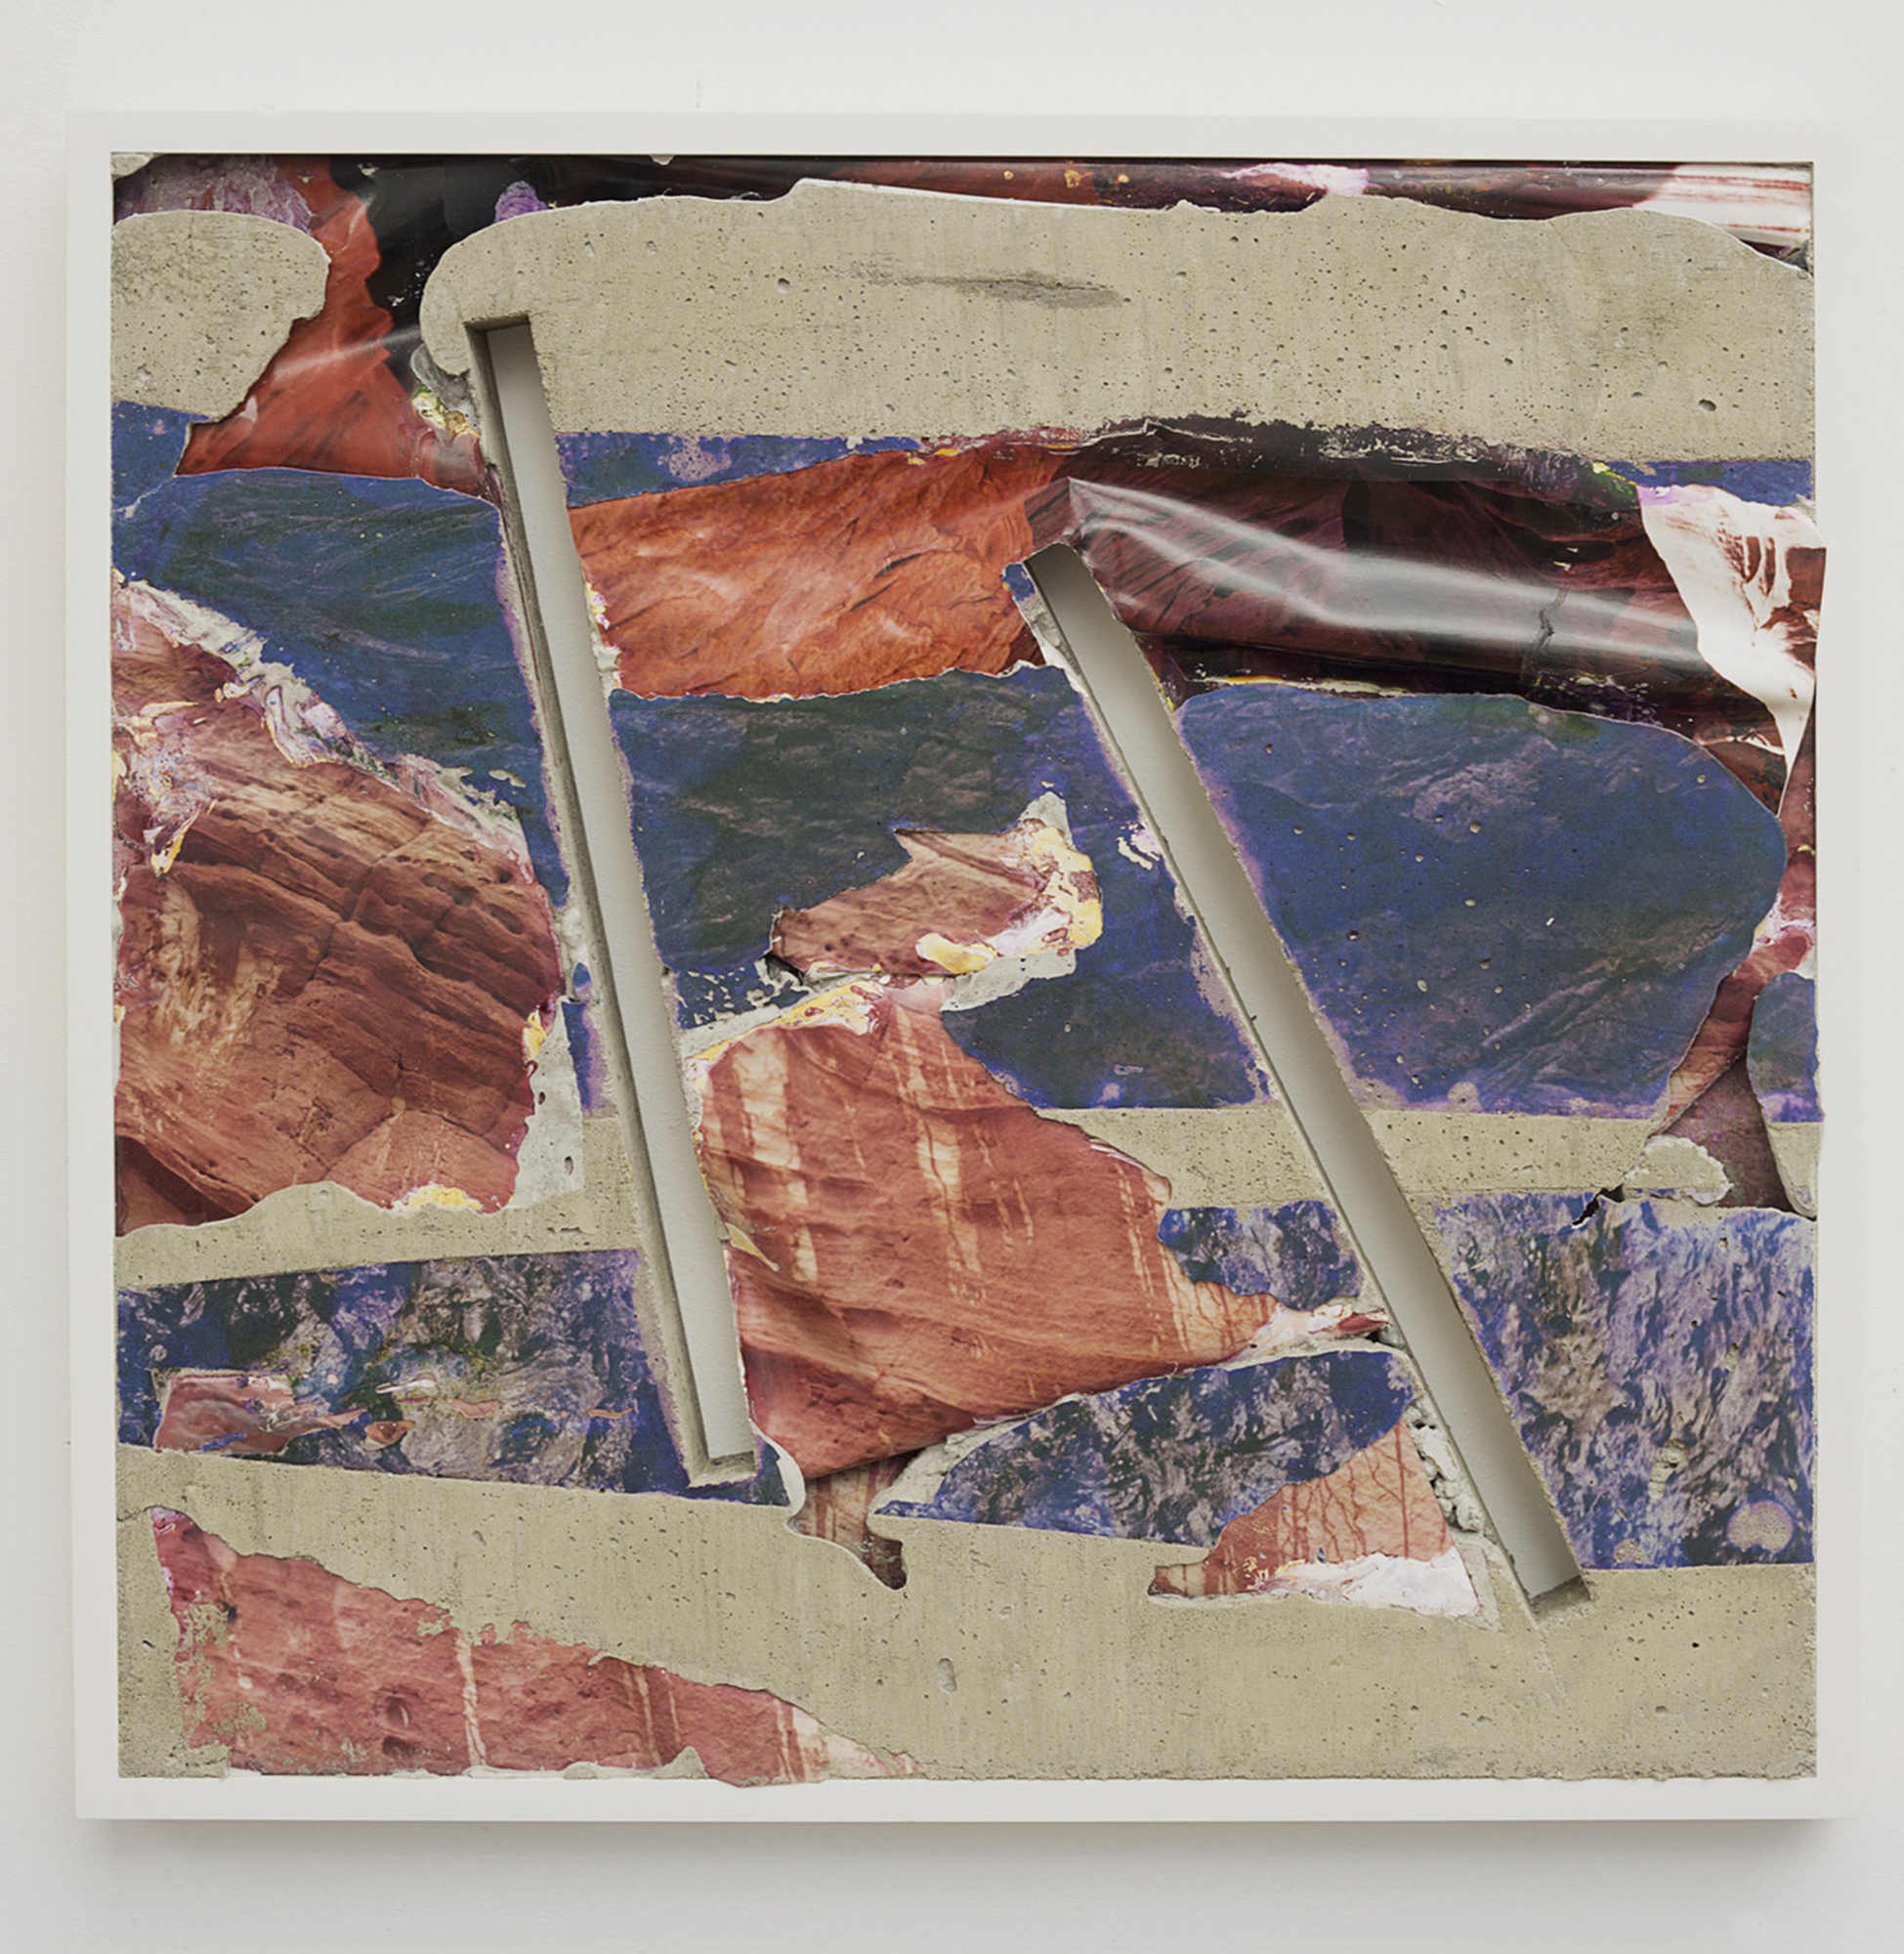 Letha Wilson, Utah Red White Blue, 2014